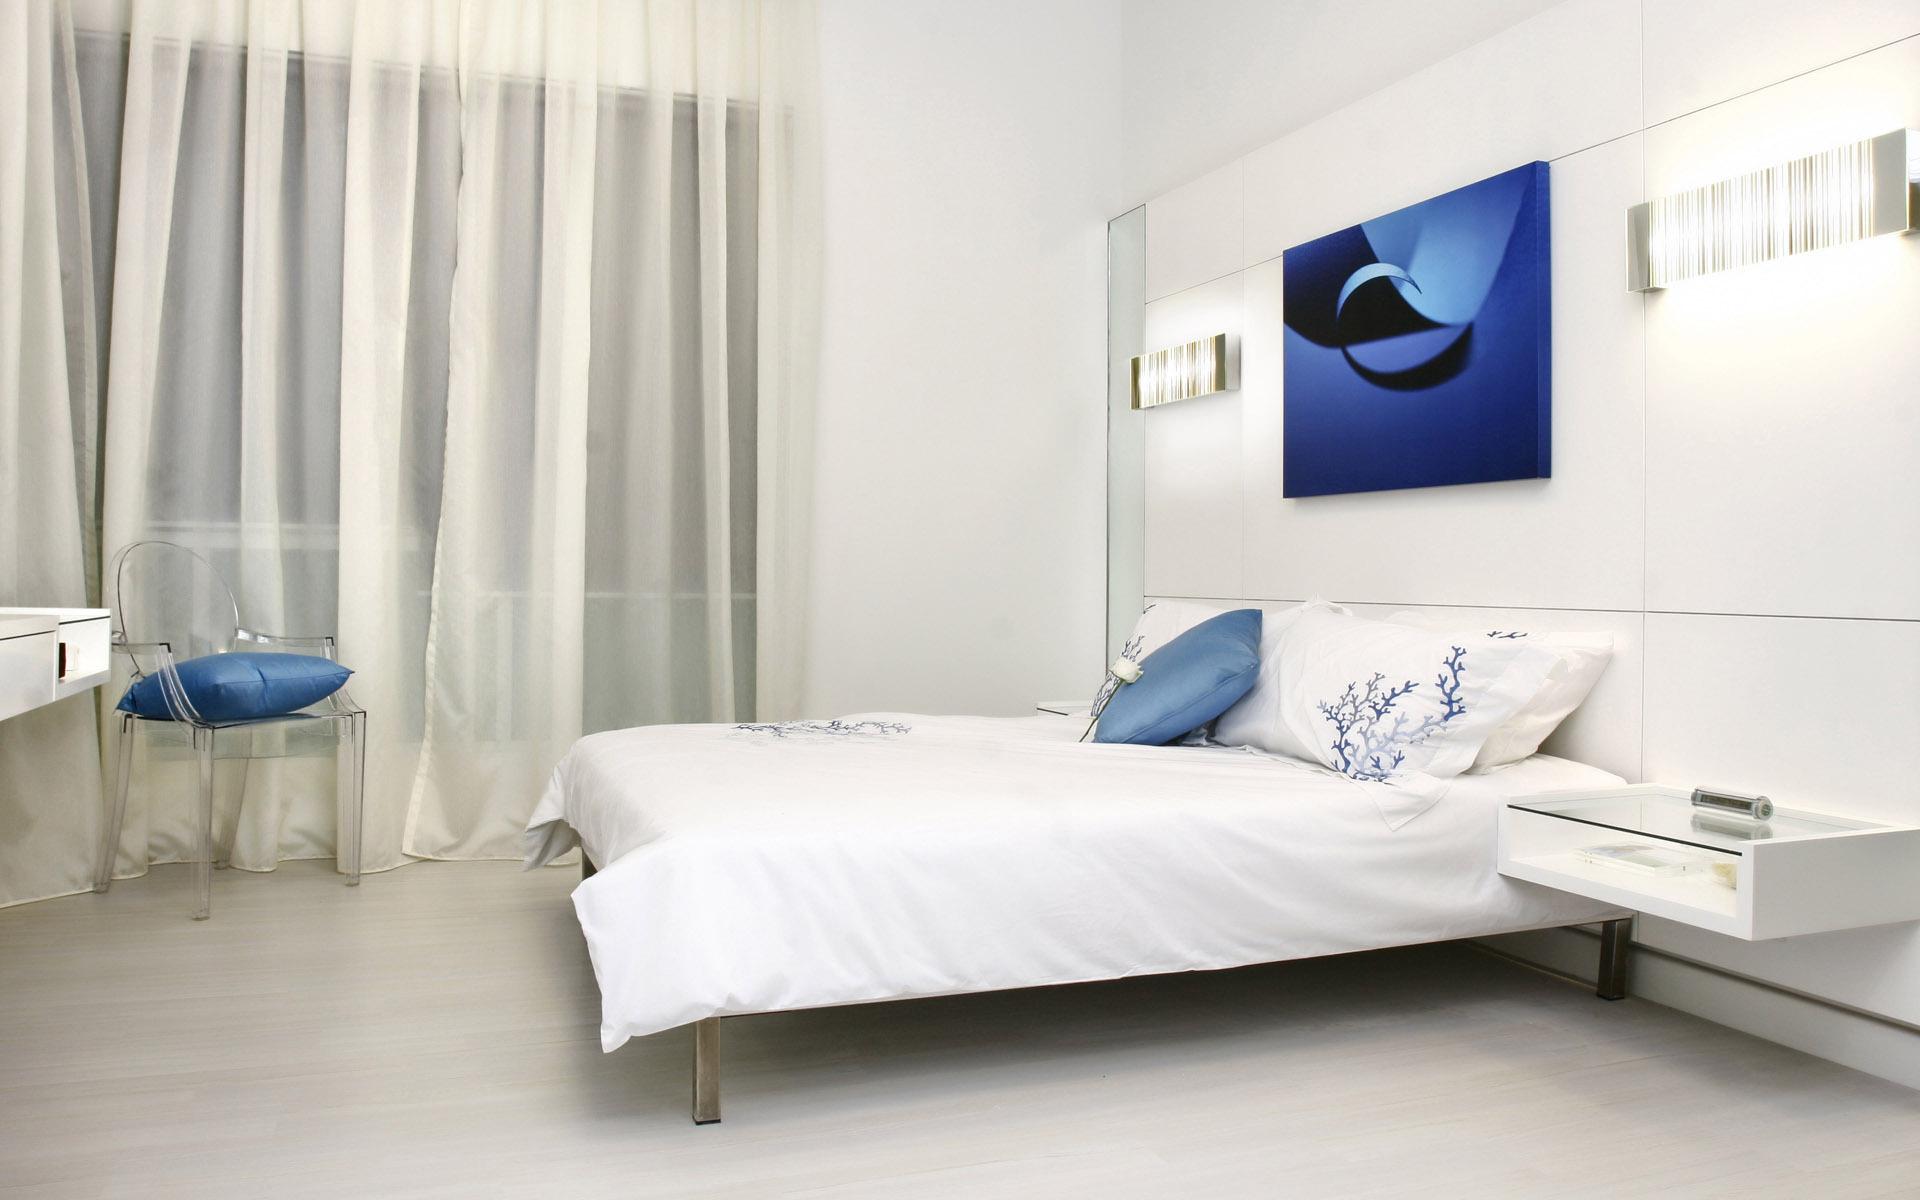 Белая кровать по фэн-шуй